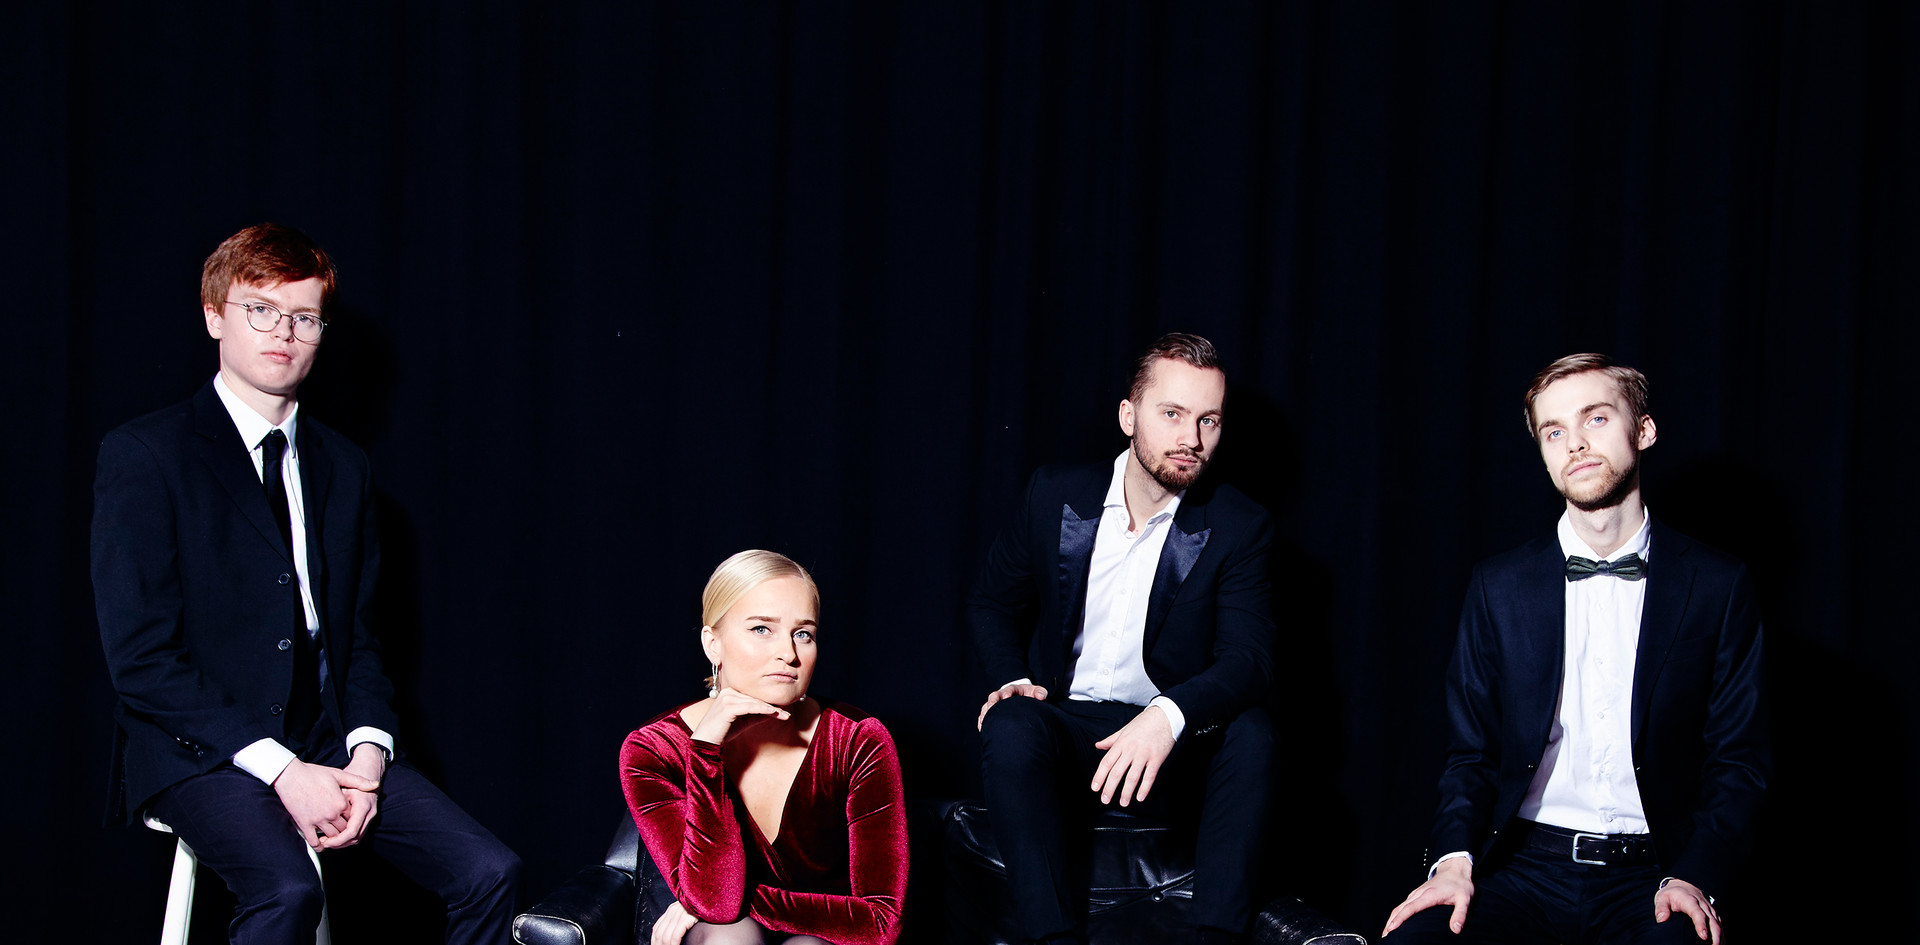 Foto: Elvira Glänte.